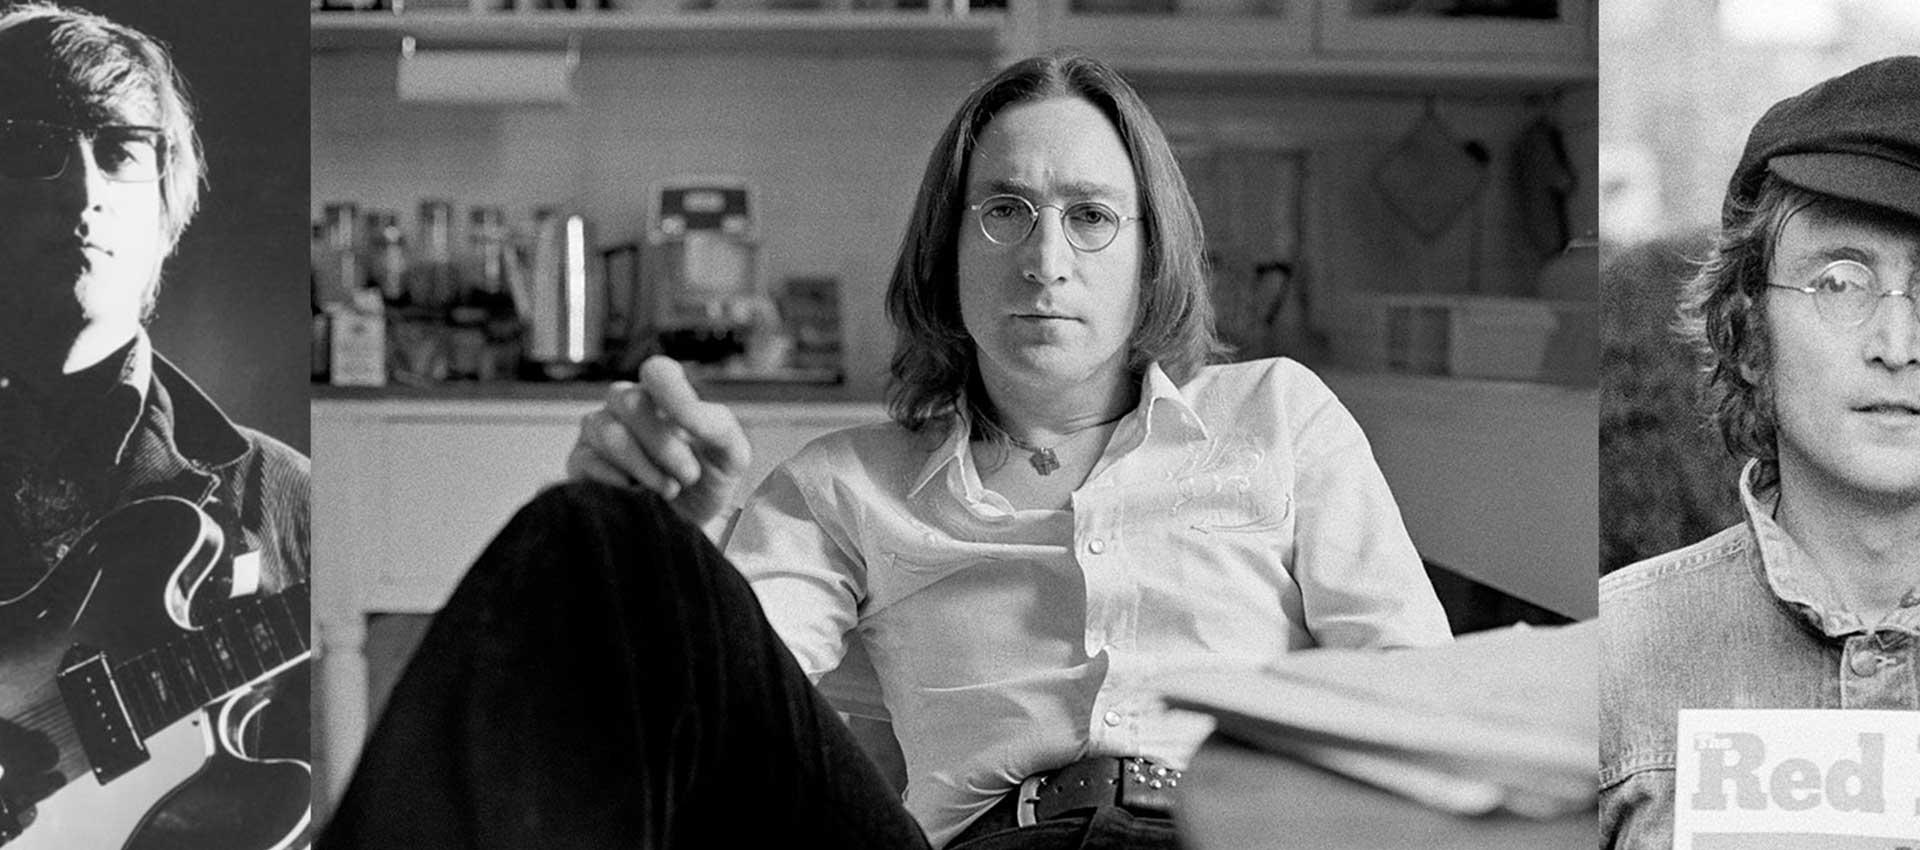 John Lennon izle türkçe izle hd izle